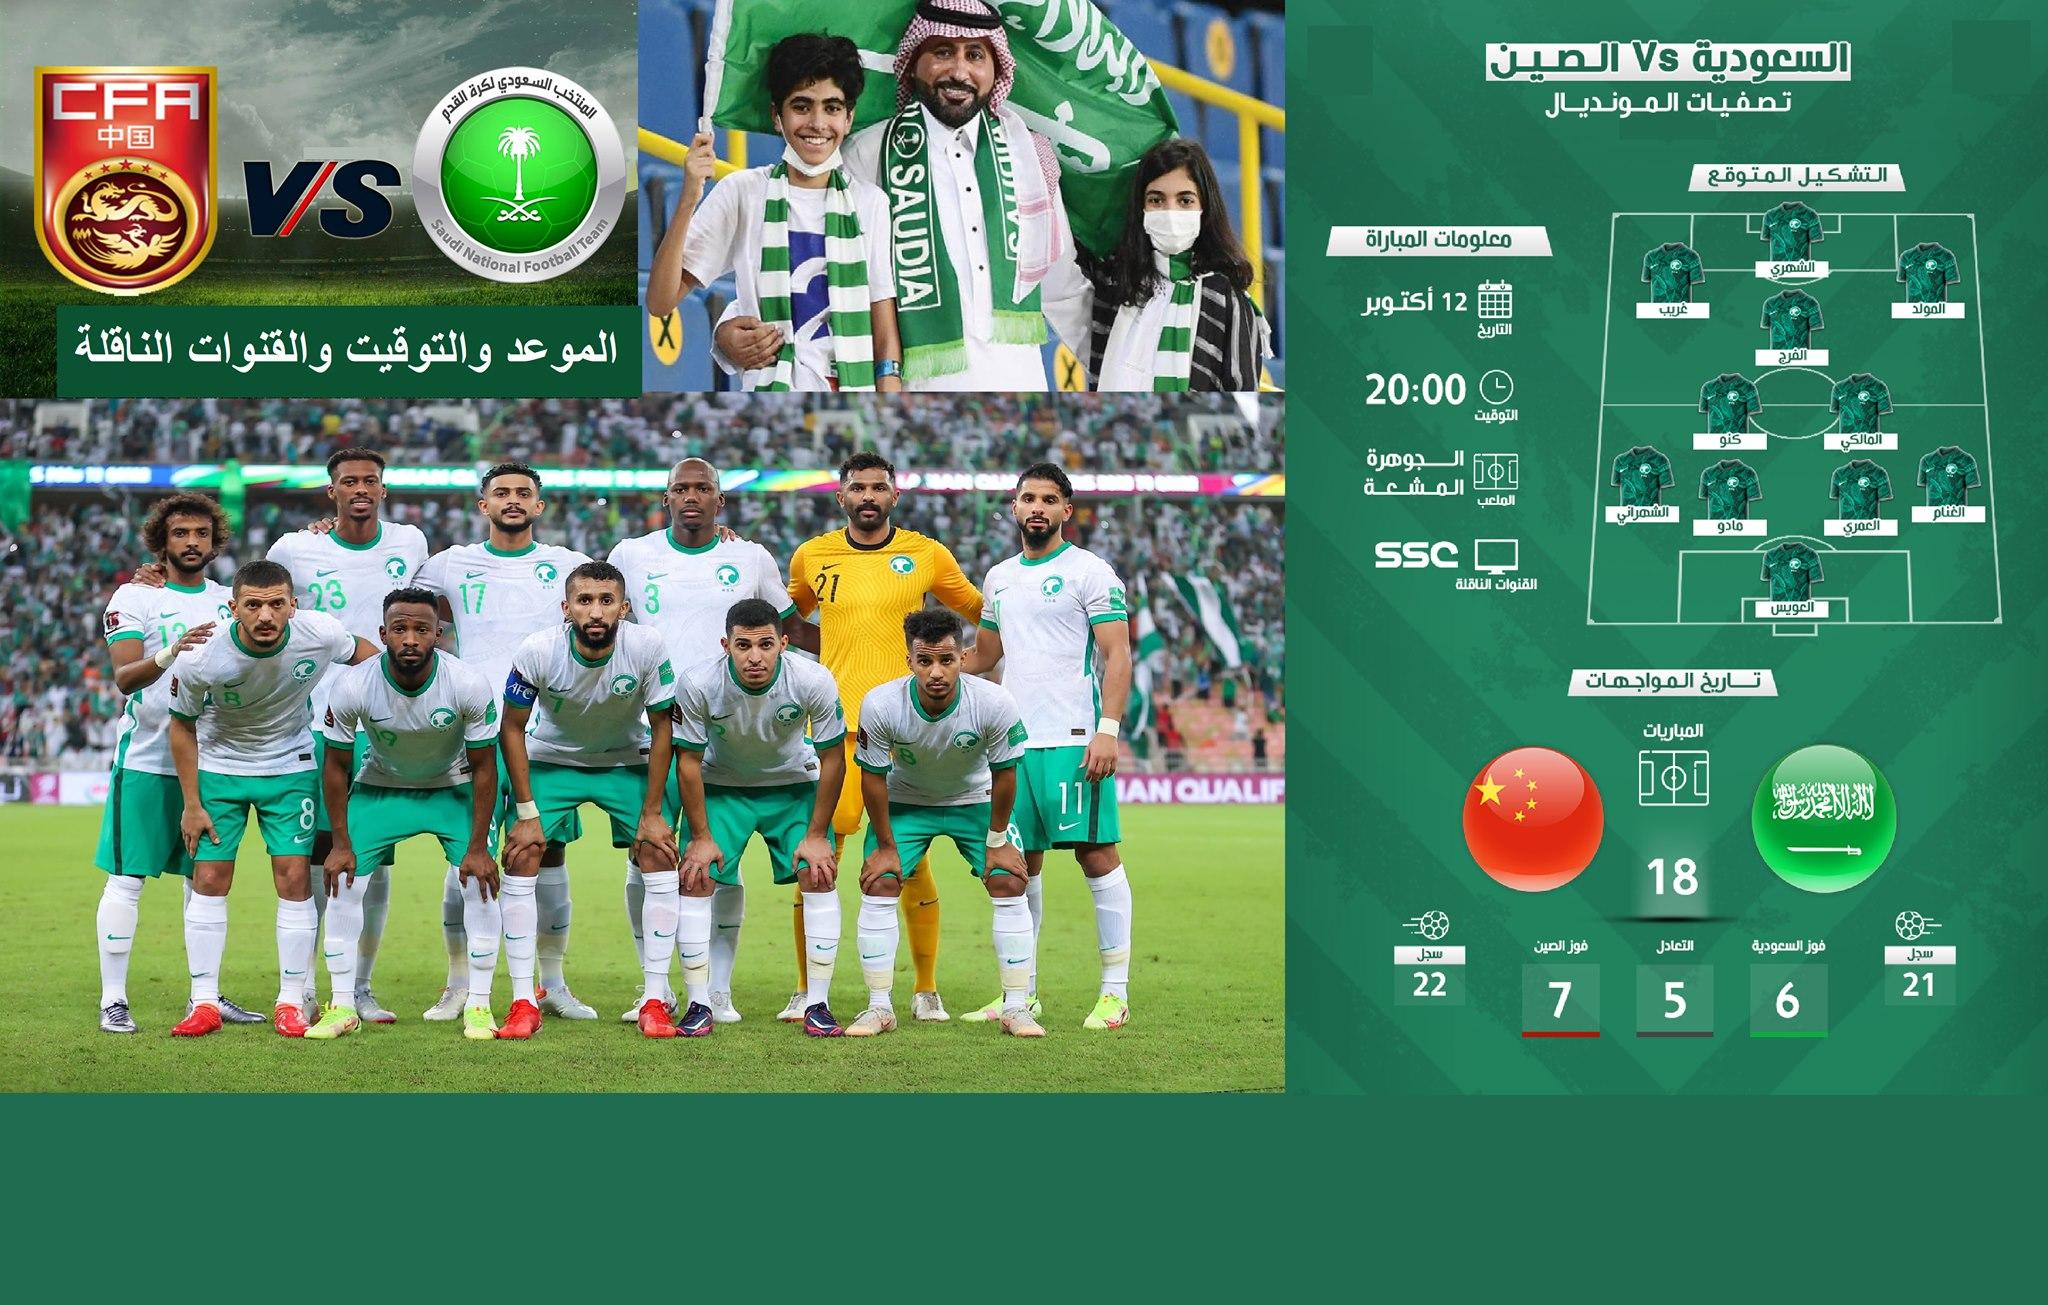 موعد وتوقيت مباراة السعودية والصين اليوم لانتزاع القمة التشكيل والقنوات الناقلة وترتيب المجموعة